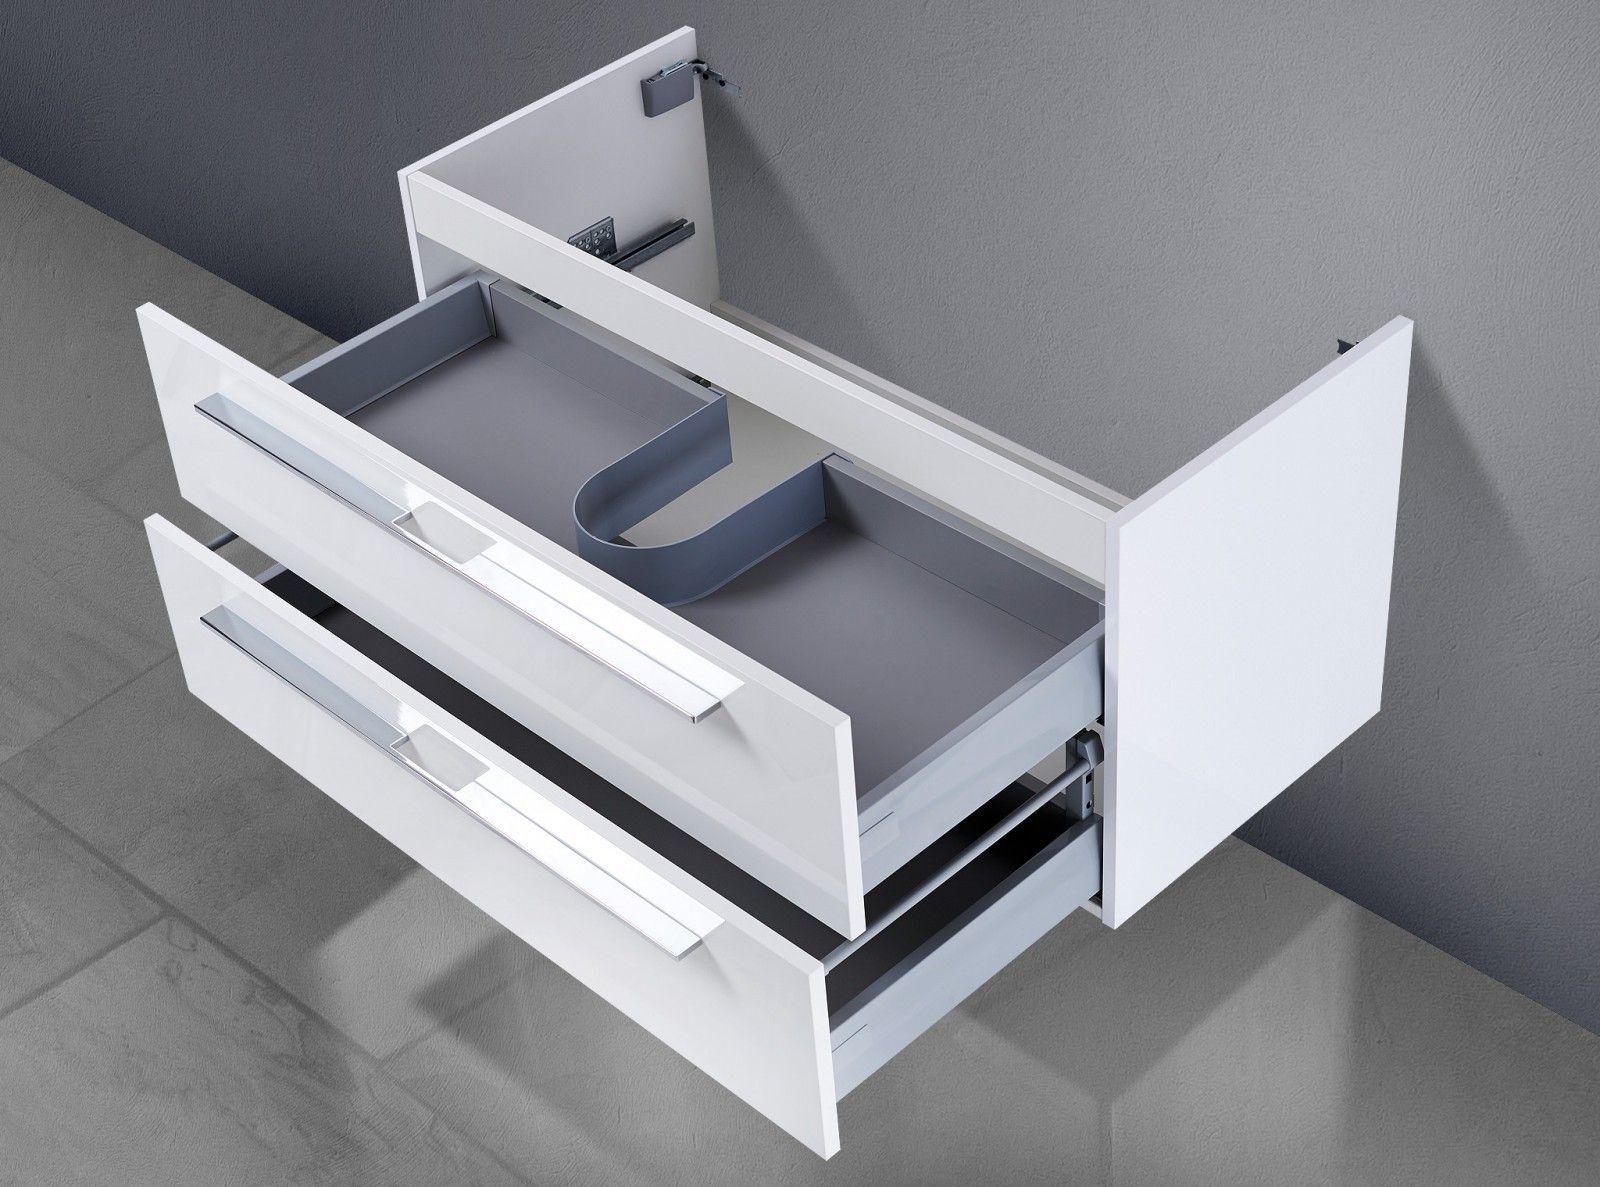 Unterschrank Zu Keramag Citterio 75 Cm Ablagefläche Rechts/links  Waschbeckenunterschrank 002 1025 Nice Design